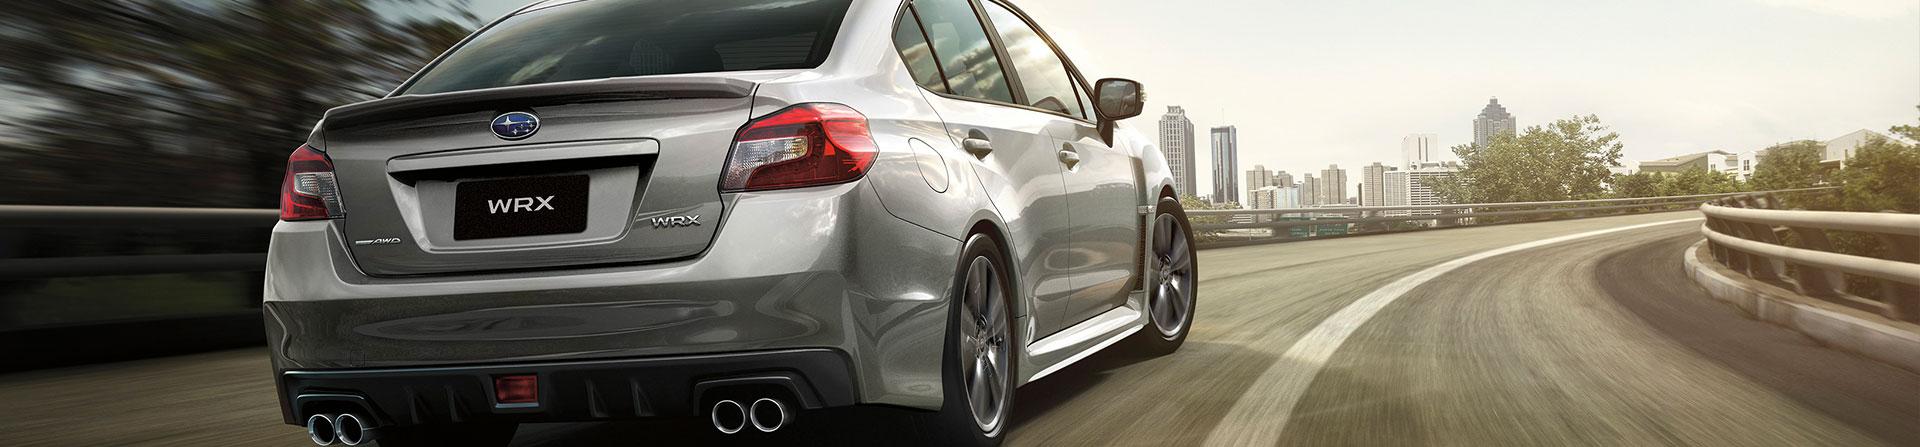 Subaru WRX Image 1